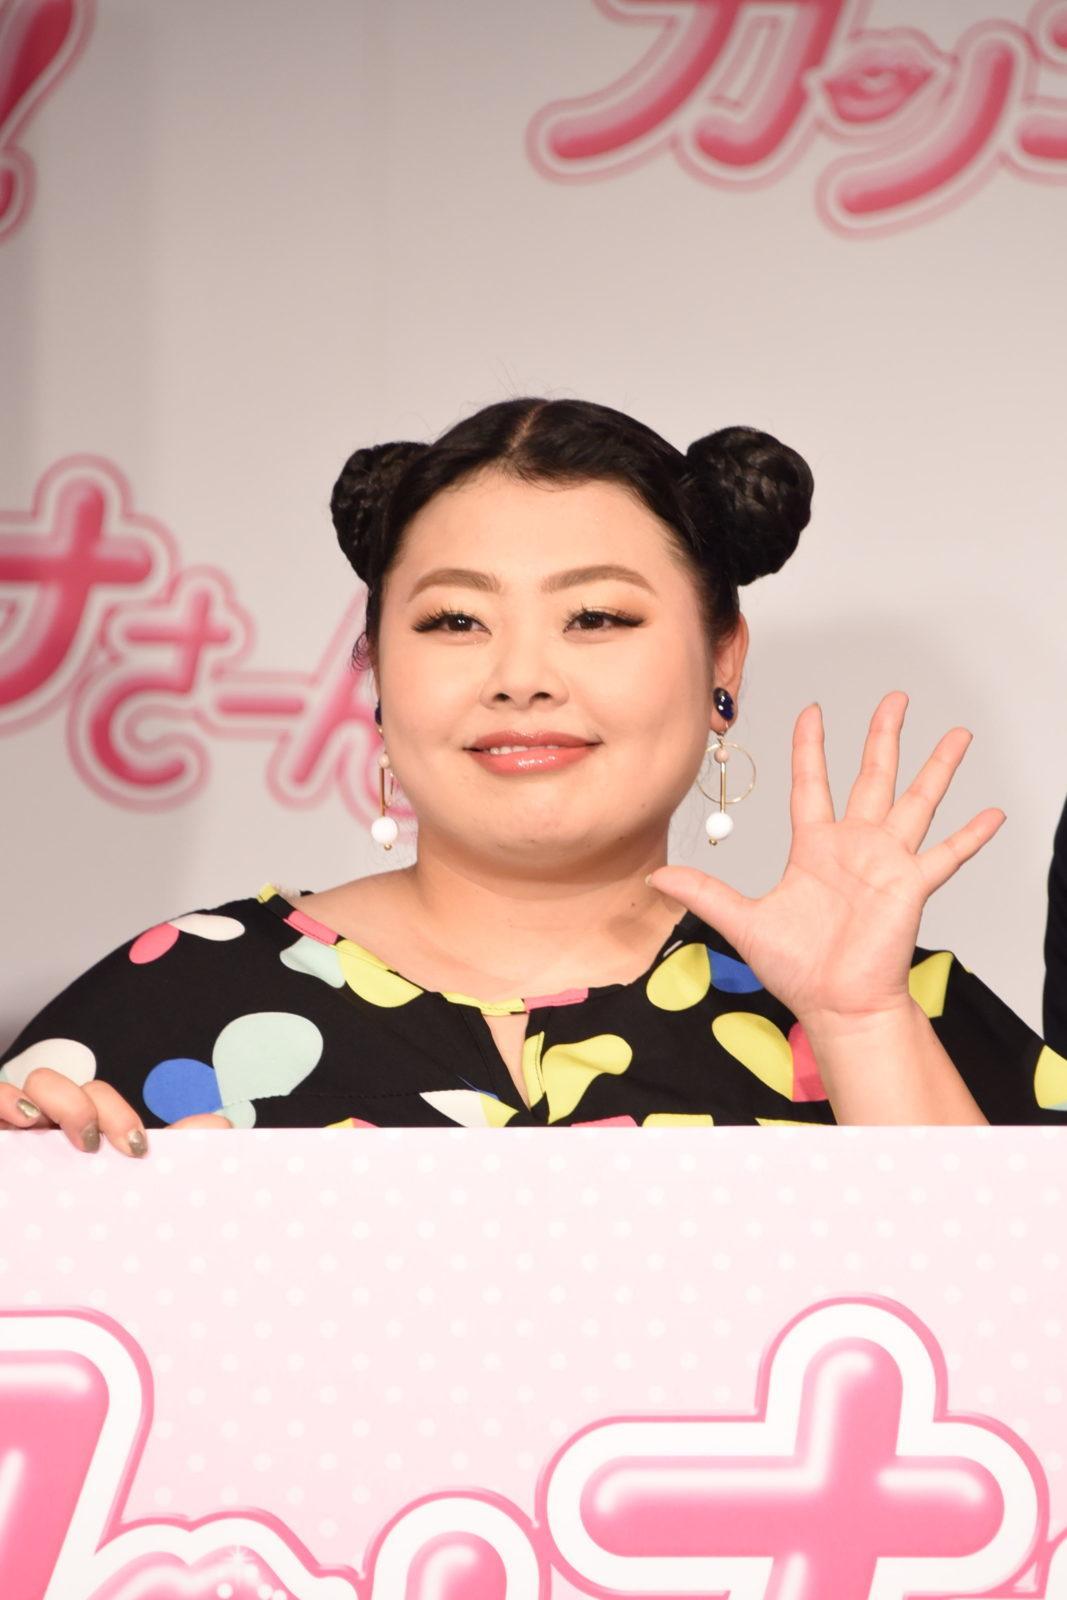 """渡辺直美、V6・三宅健との""""キス""""でネット騒然!?「放心」「ポジョション変わりたい」サムネイル画像"""